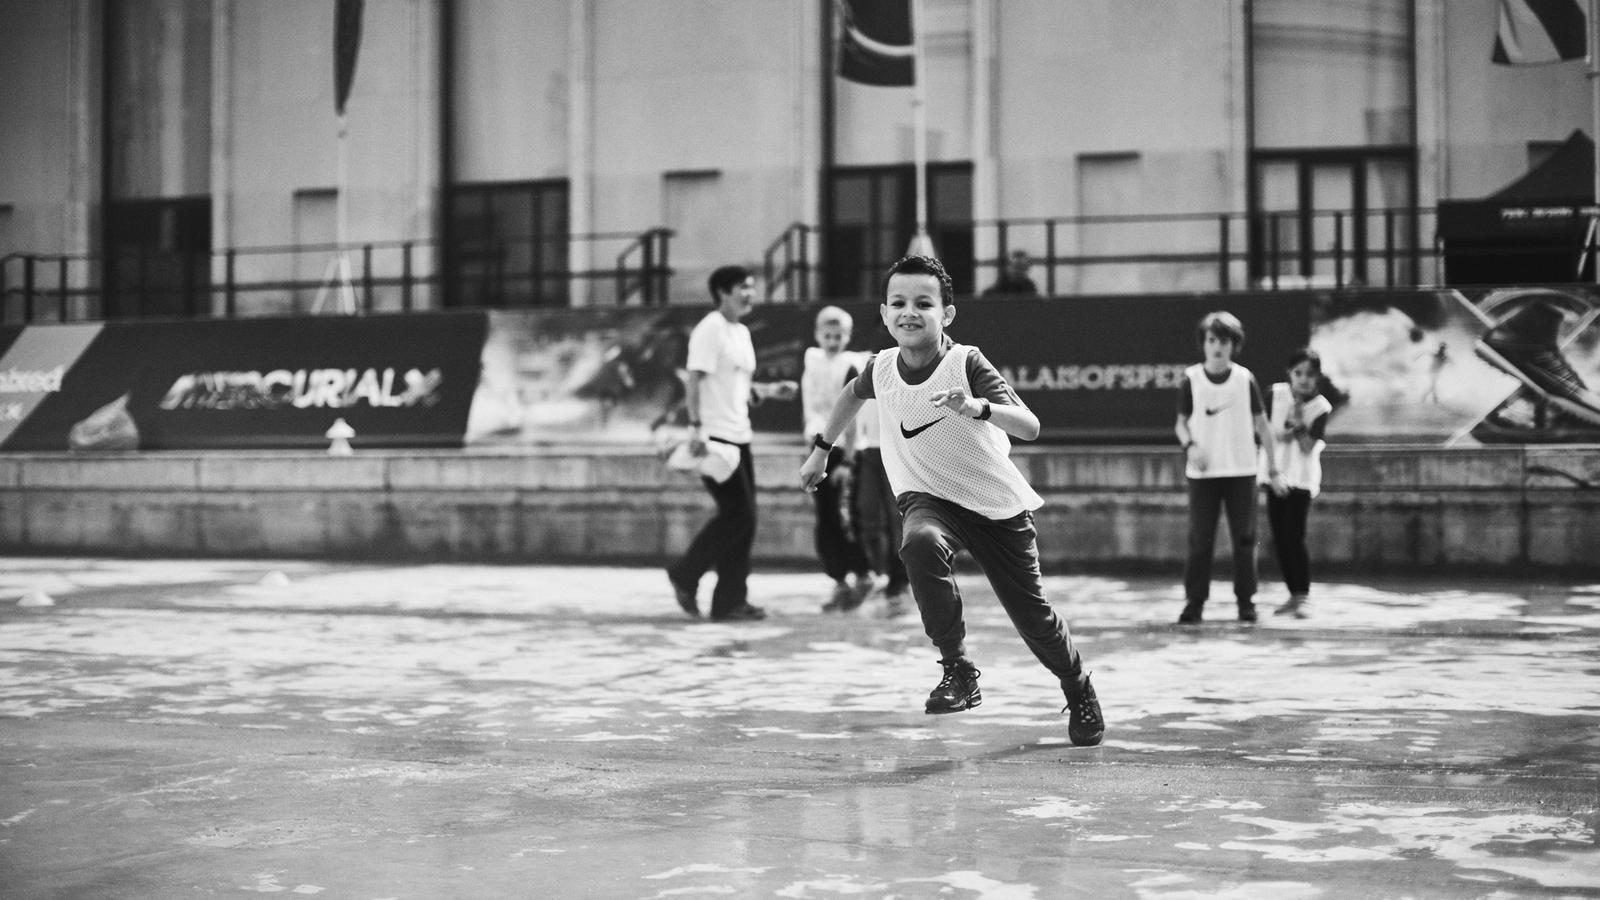 Sw16055 Nike Pos16 6.11 Play International Jj1049